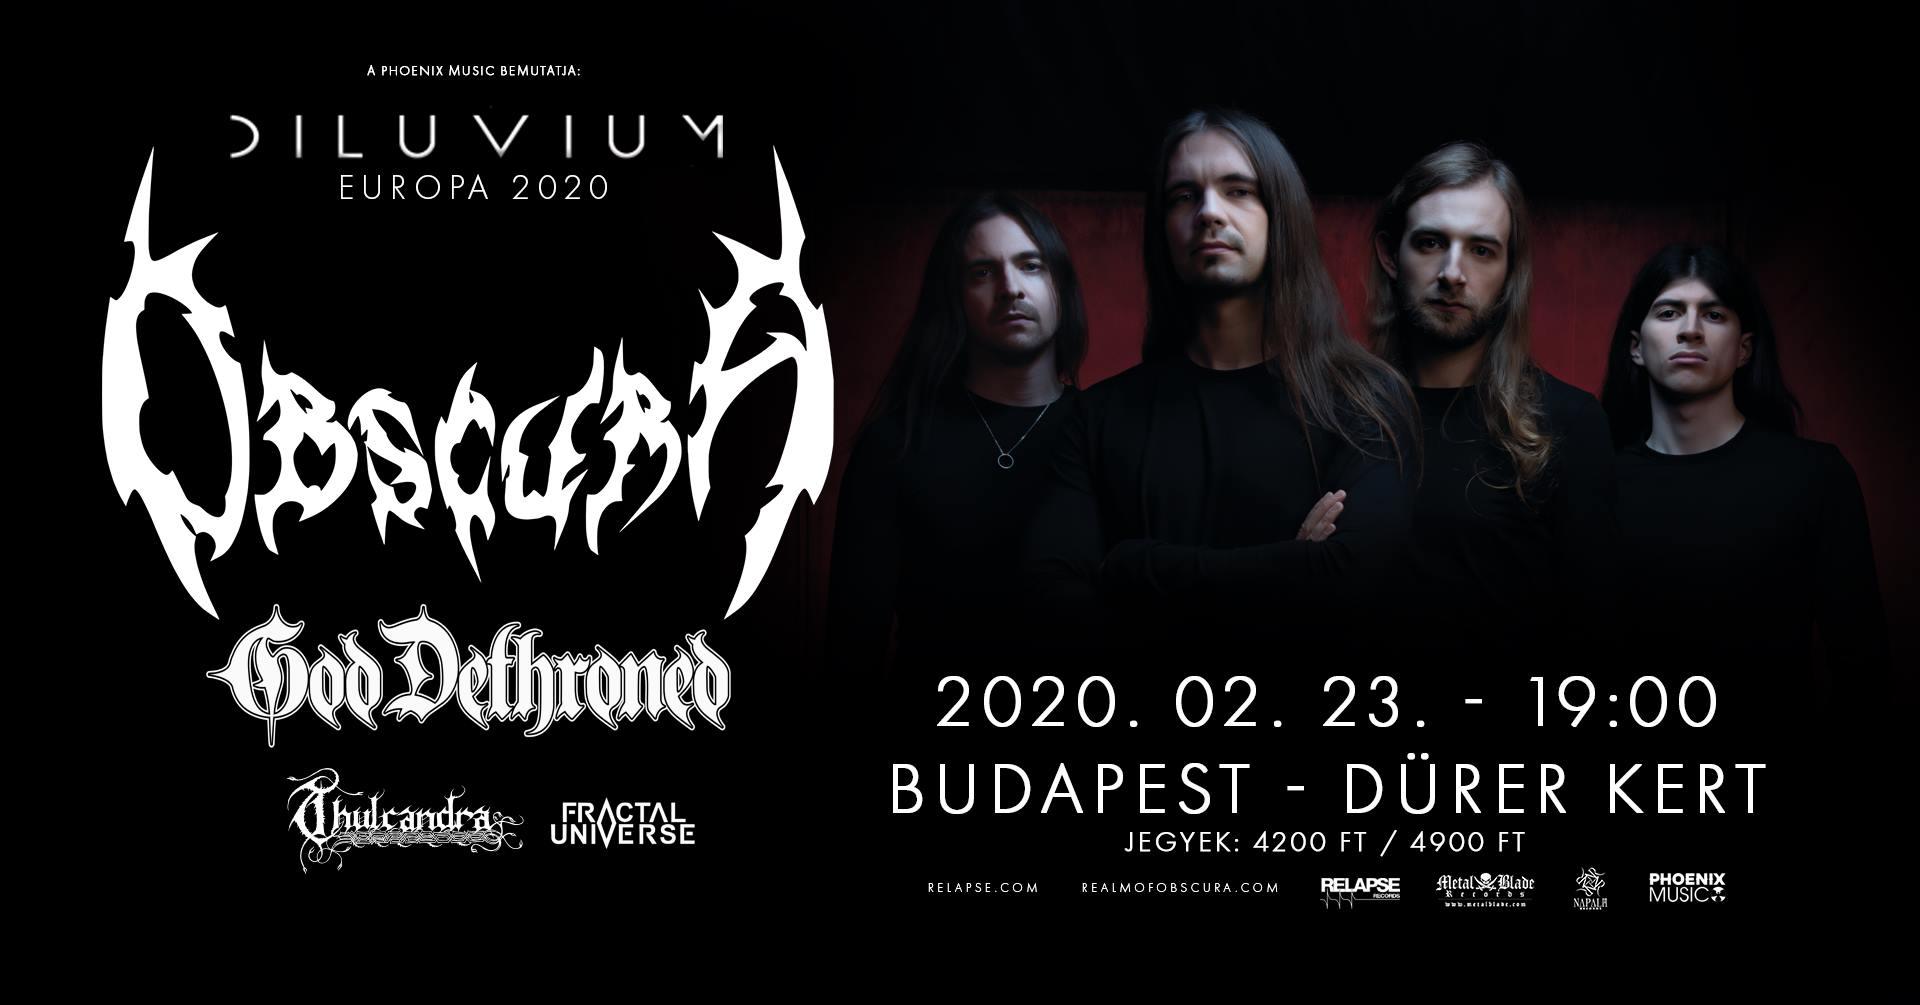 OBSCURA, GOD DETHRONED, THULCANDRA, FRACTAL UNIVERSE, Dürer Kert, Budapest, 23.02.2020.